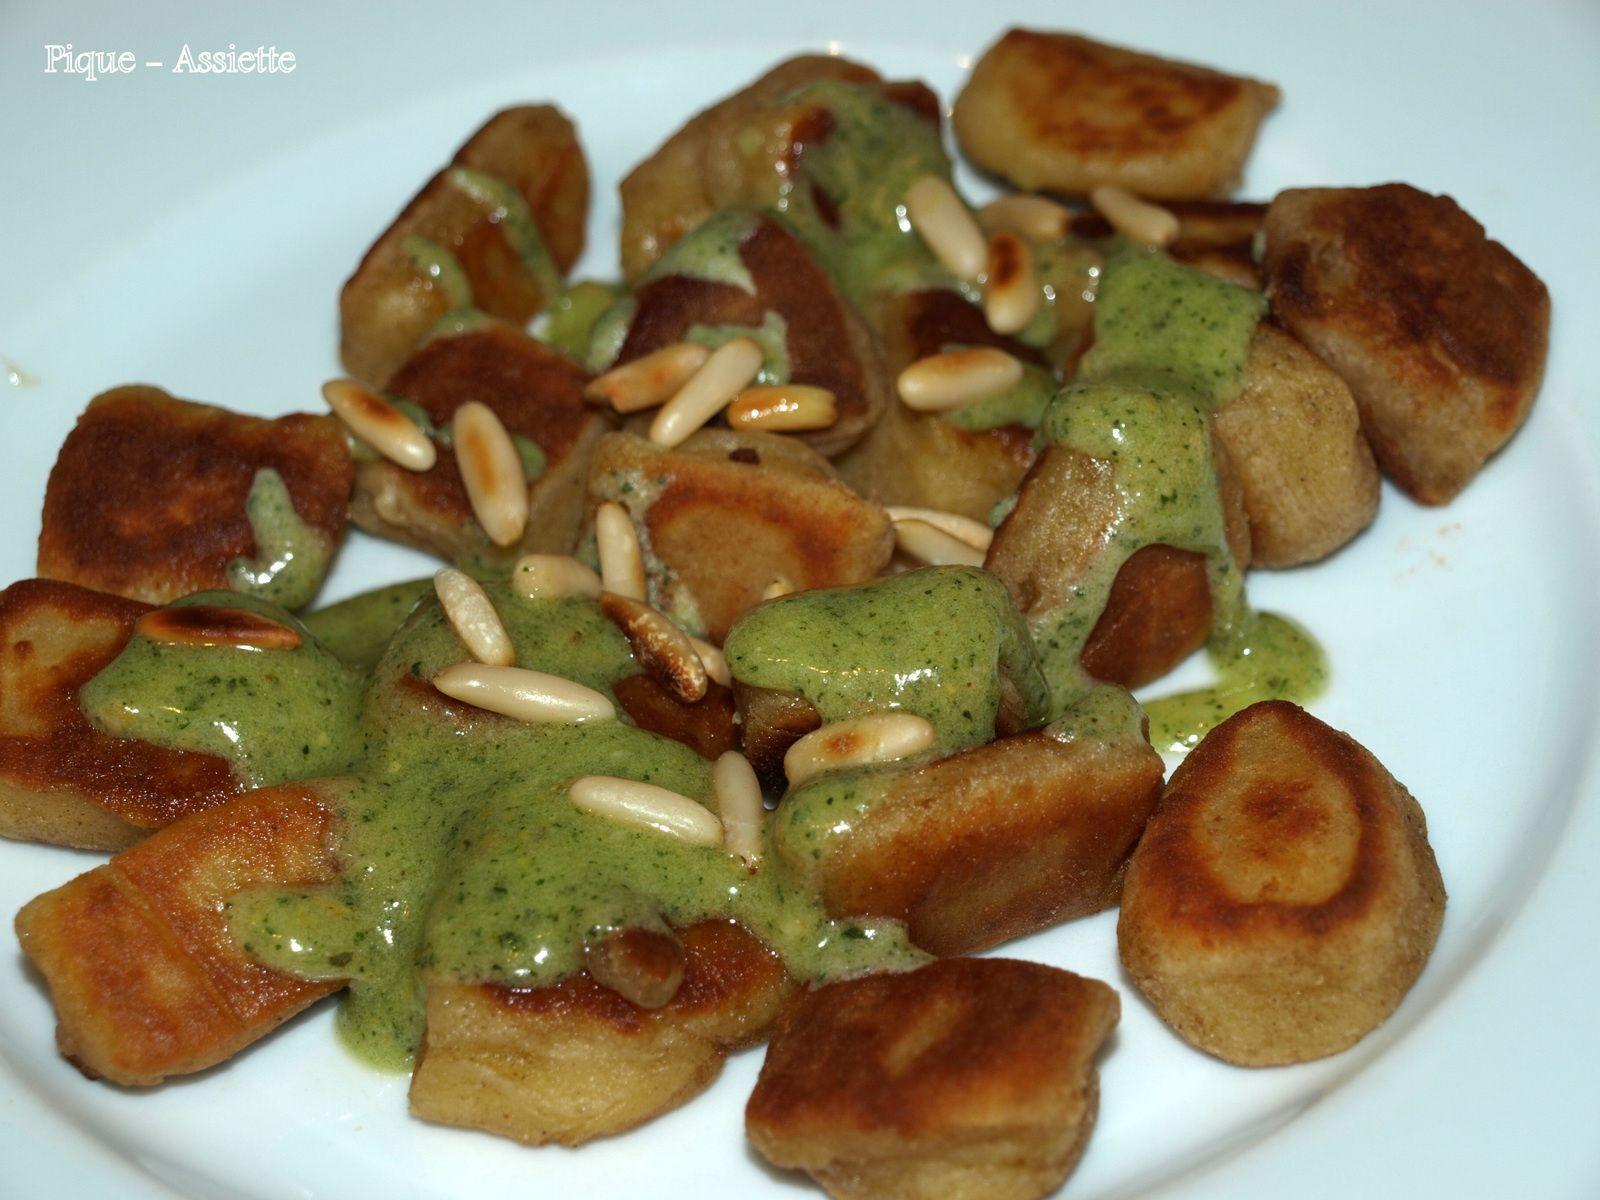 Gnocchis au mascarpone poêlés et sa sauce au pesto de Lorraine Pascale.